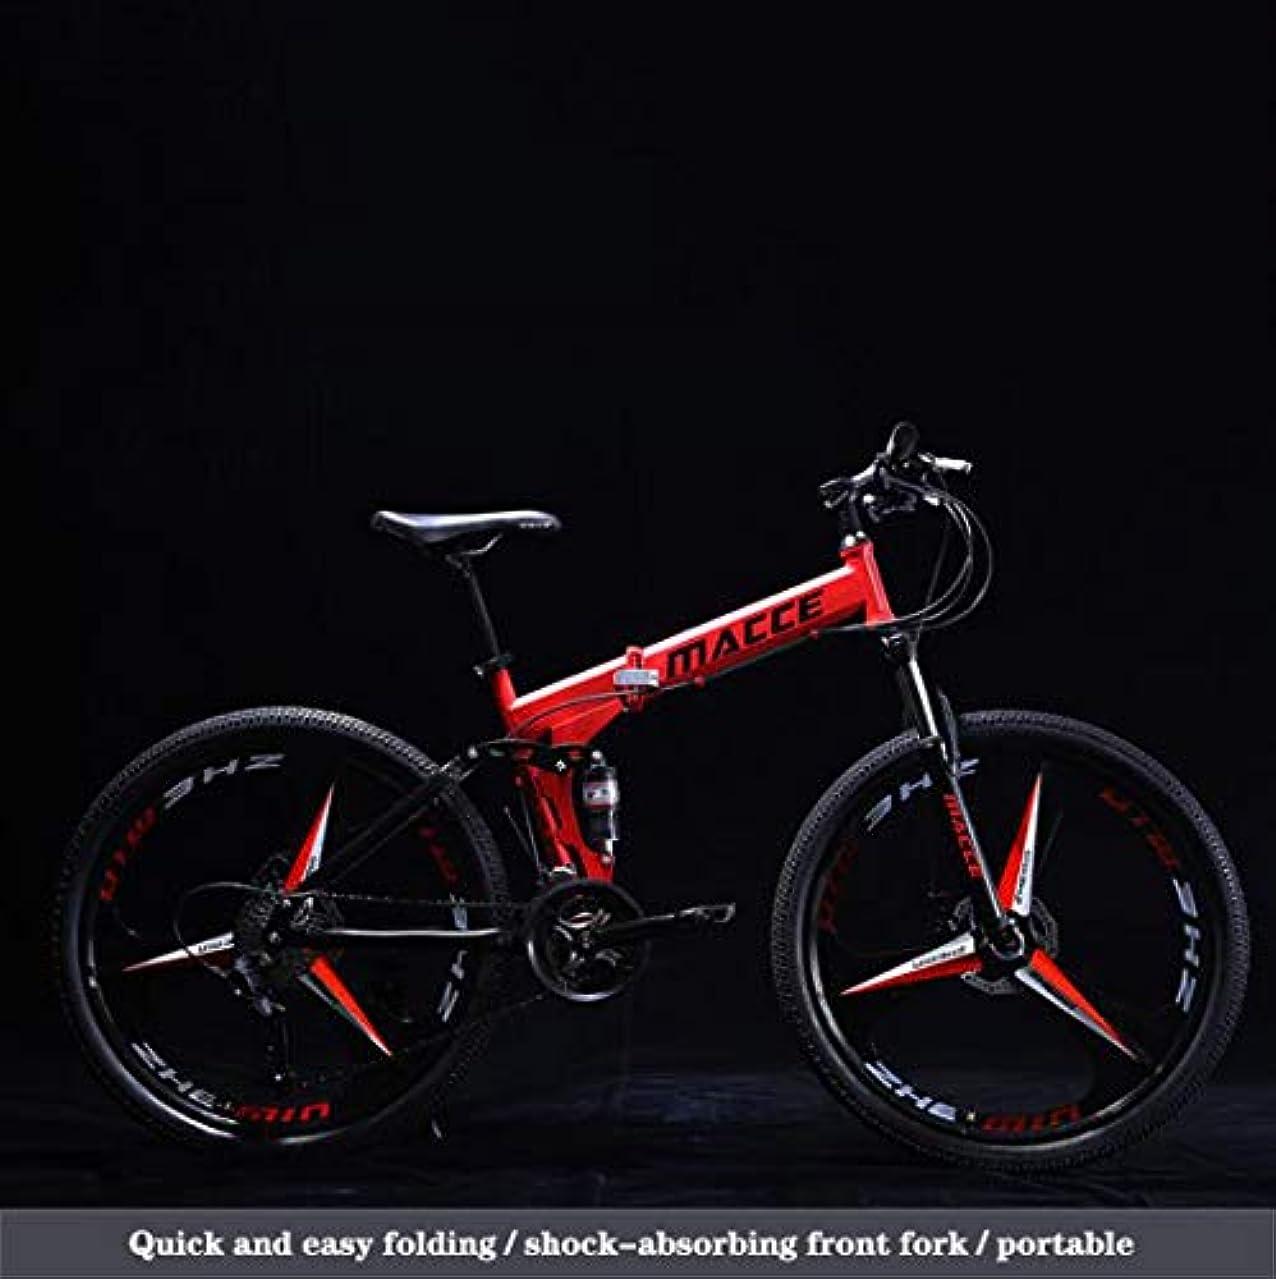 病酸度行為マウンテンバイク、大人の男性と女性、高炭素鋼デュアルサスペンションフレーム、PVCペダルとラバーグリップのための折りたたみマウンテンバイク自転車,C1,24